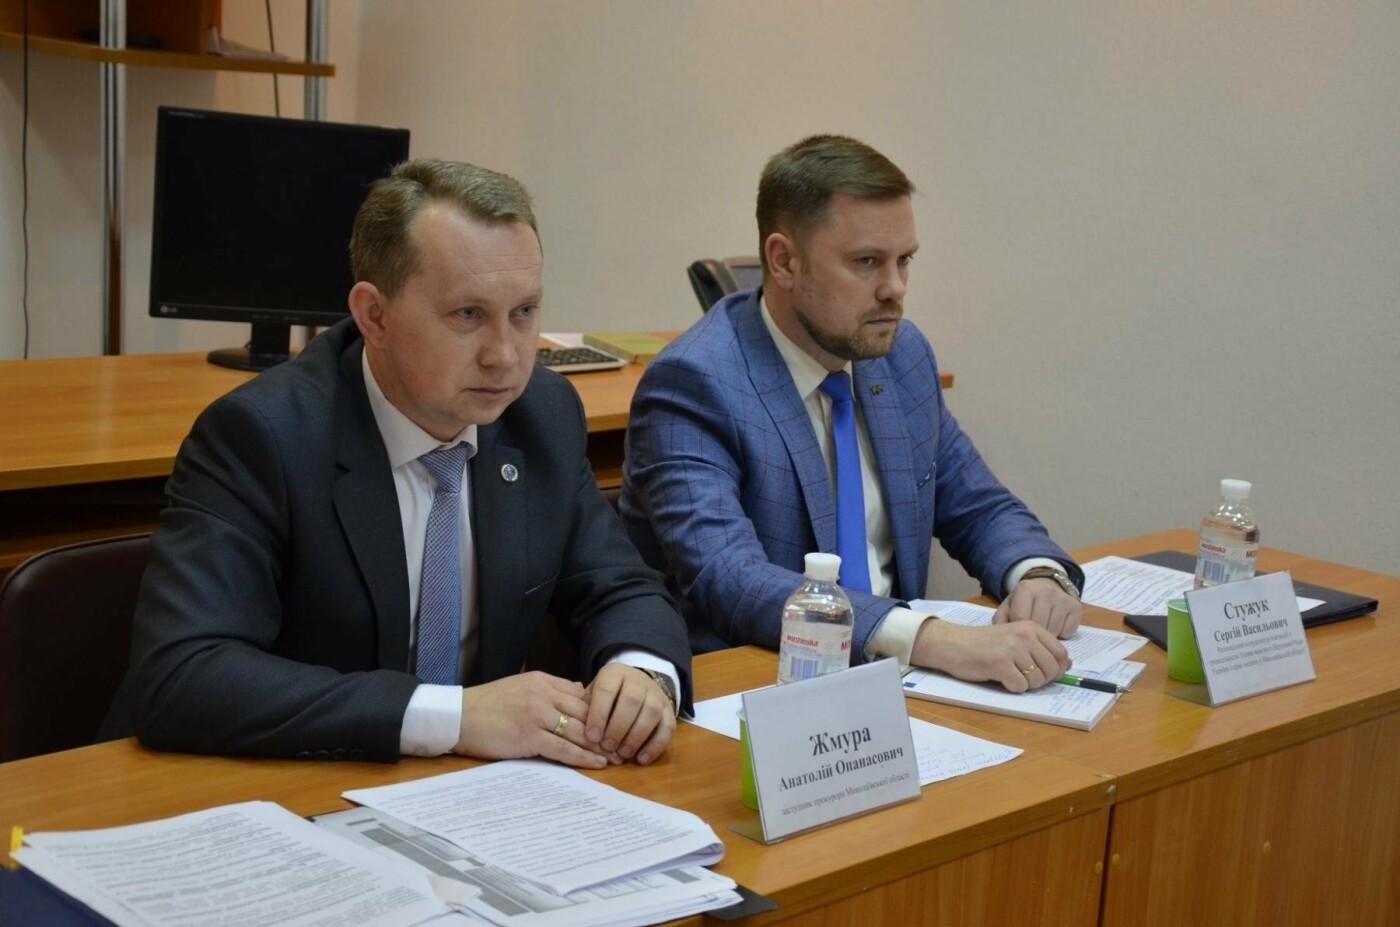 В Николаеве состоялось совещание по обеспечению мест несвободы надлежащими условиями, - ФОТО, фото-1